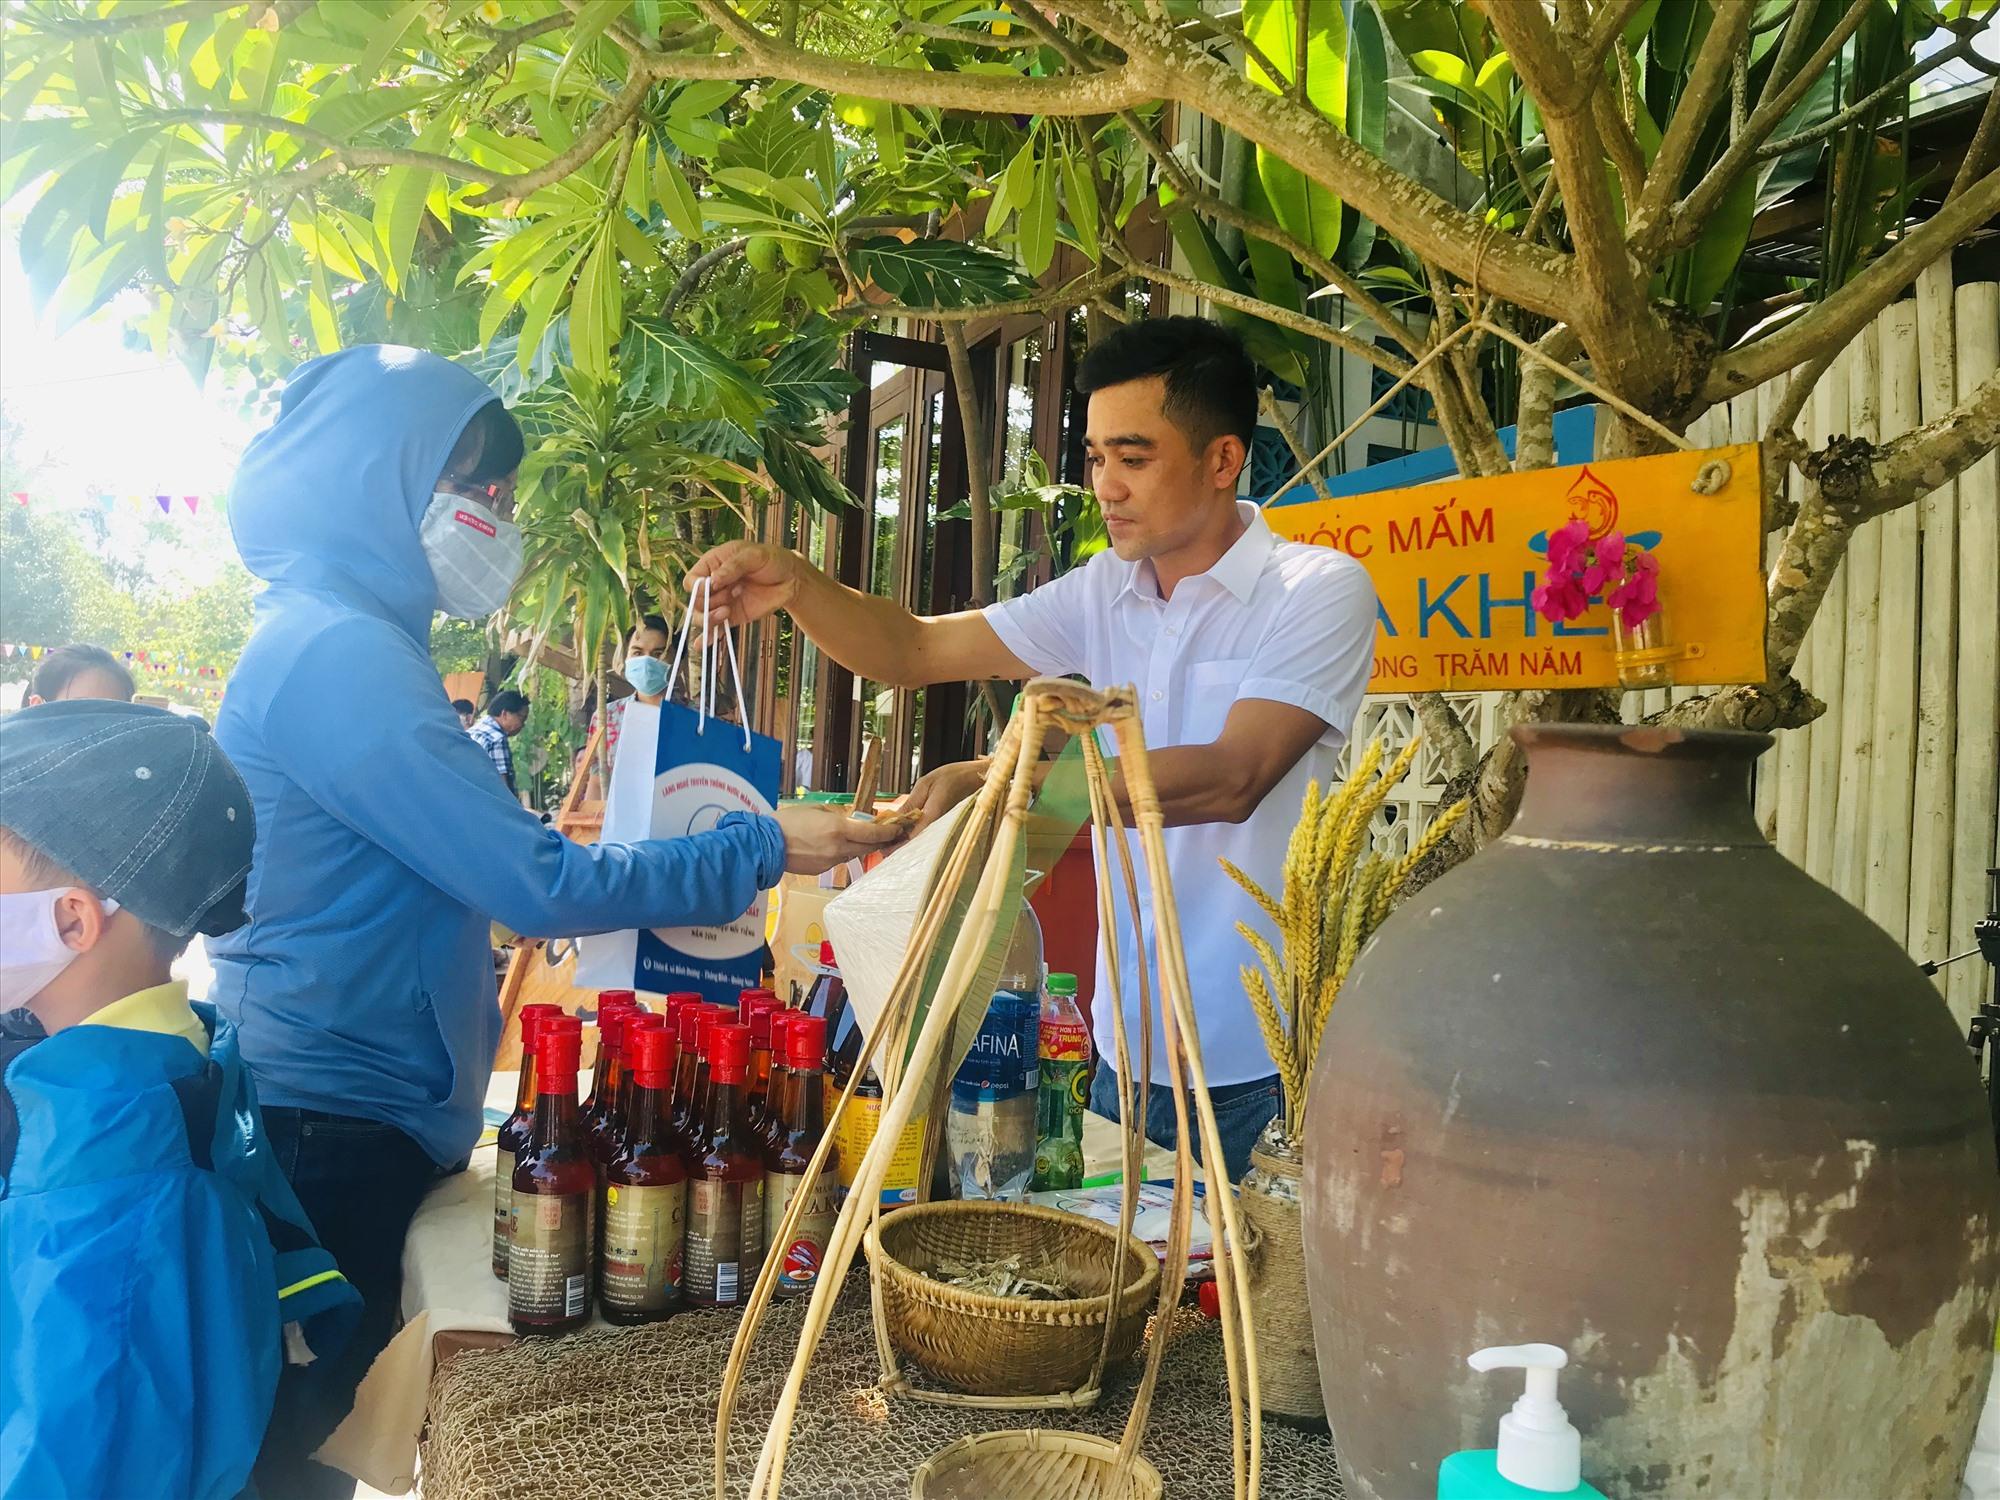 Nước mắm Cửa Khe đang xây dựng kế hoạch trở thành sản phẩm trải nghiệm du lịch nông thôn cho du khách thay vì chỉ là thực phẩm đơn thuần. Ảnh: Q.T